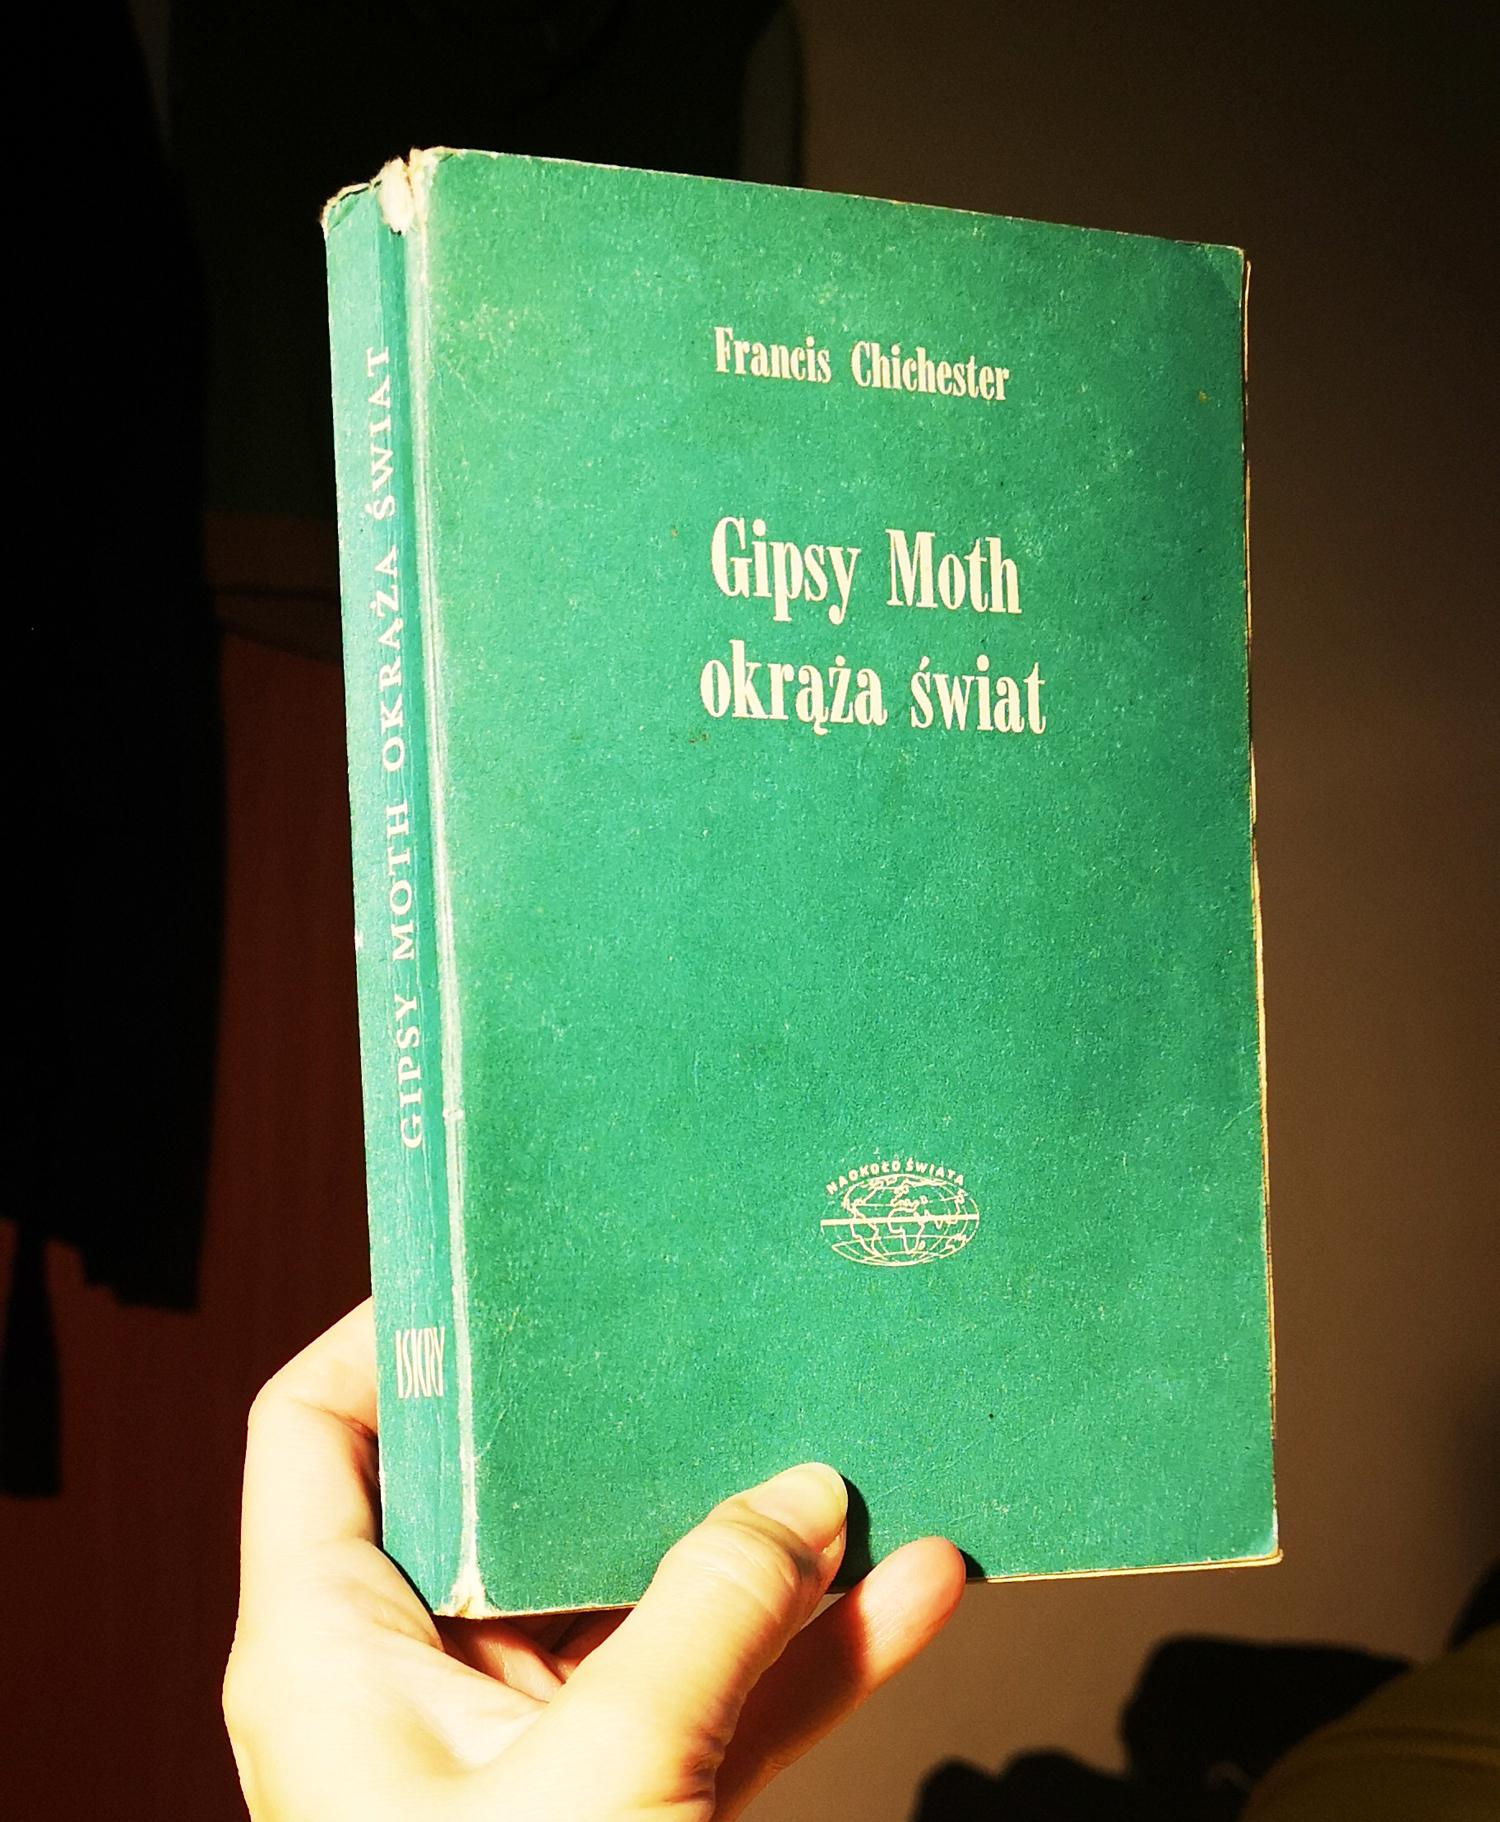 Gypsy Moth okrąża świat